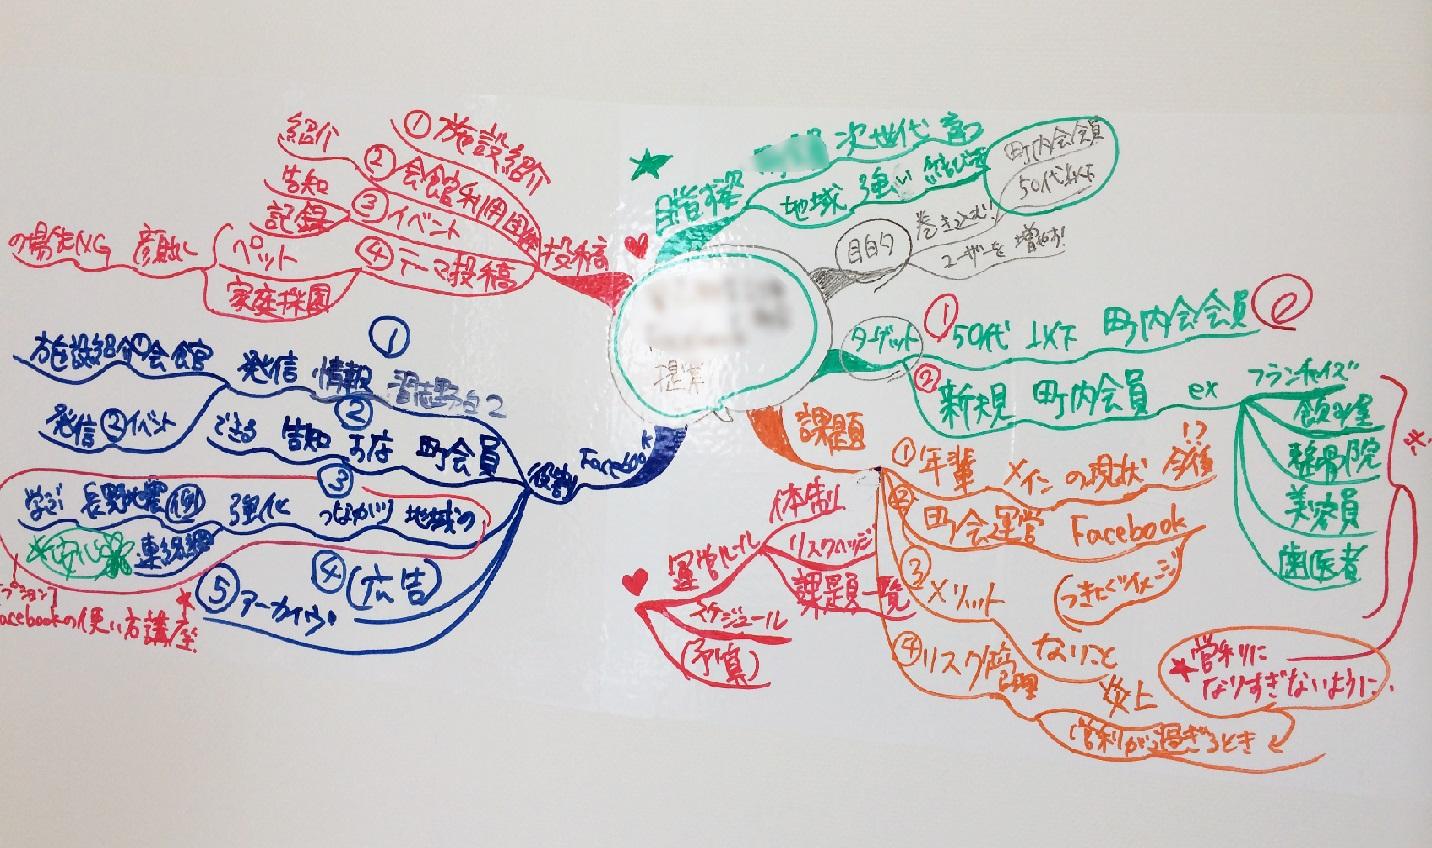 自分をデザインできる人を増やす講師関亜紗子_マインドマップ6